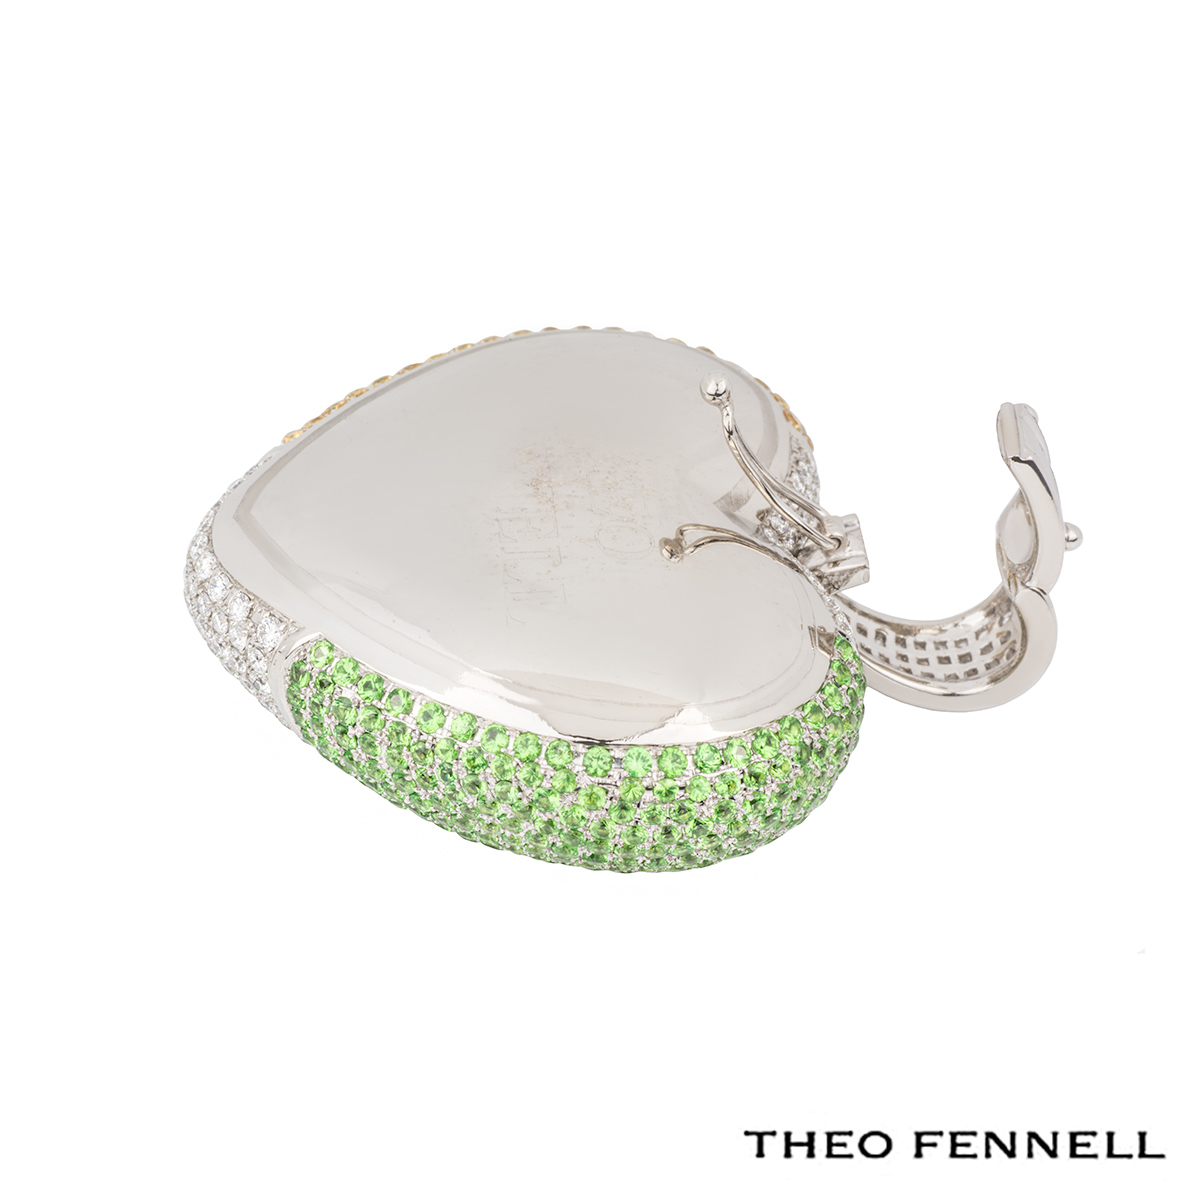 Theo Fennell 18k White Gold Art Pendant